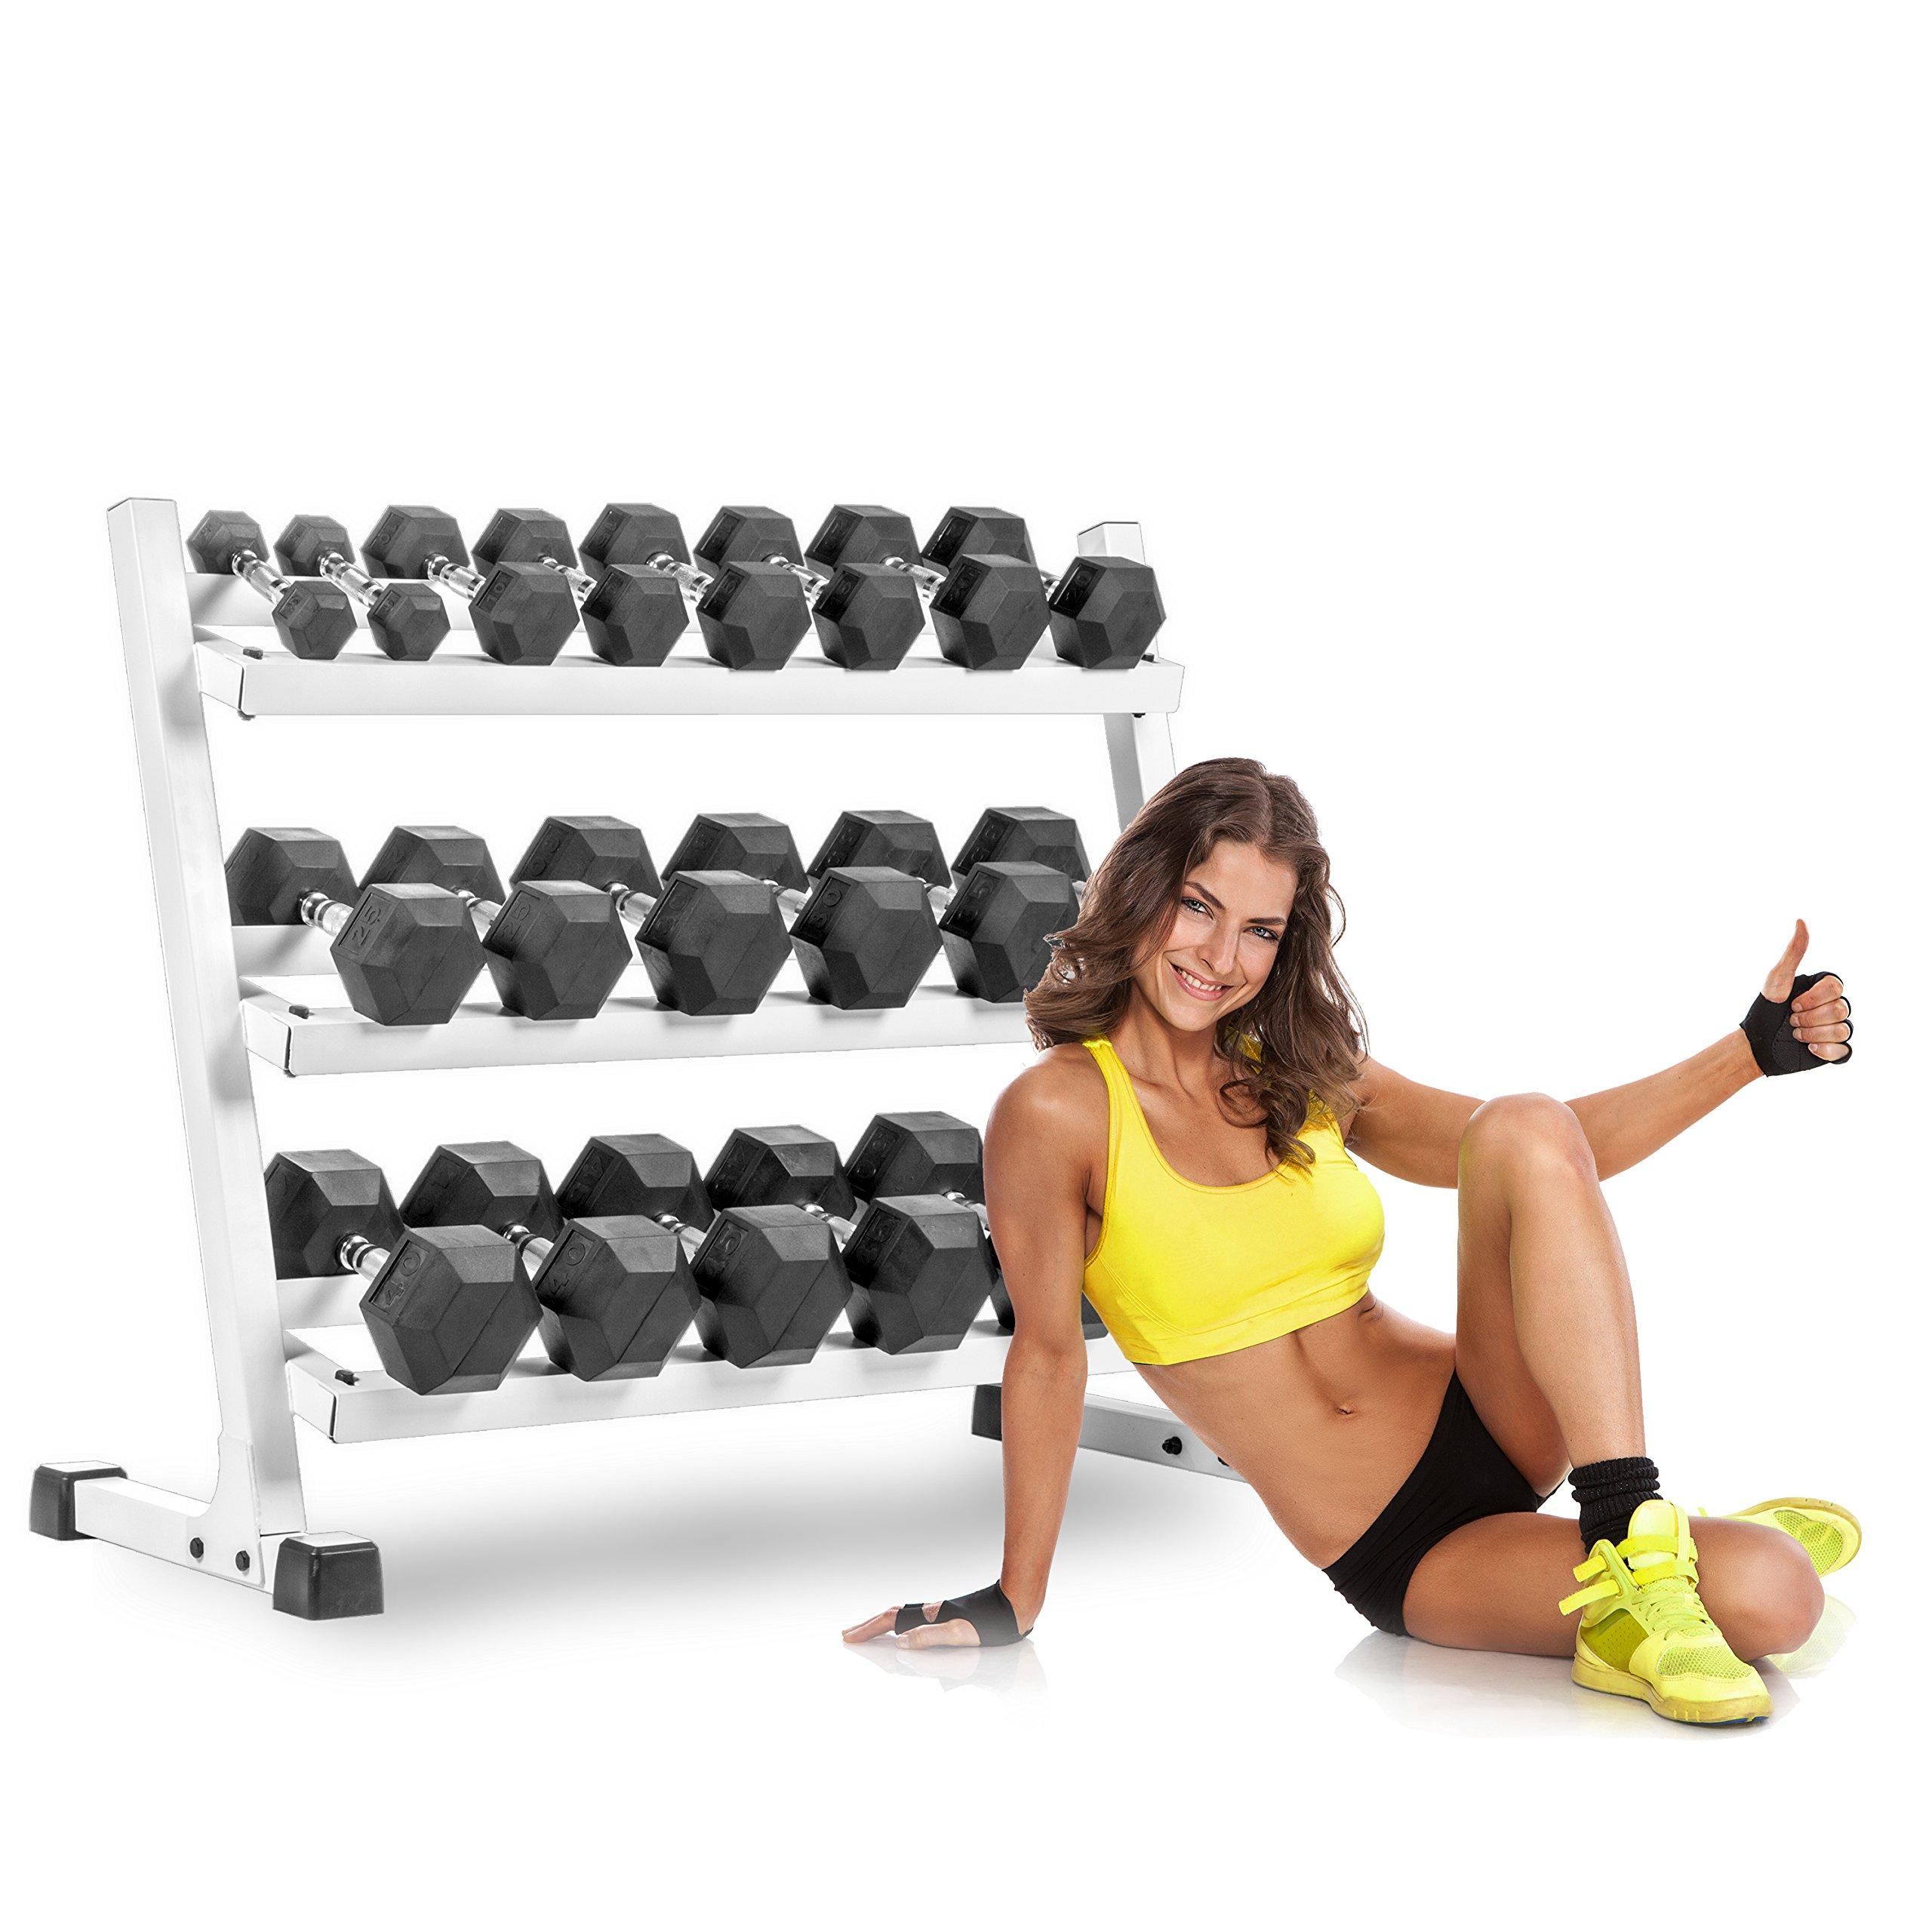 XMark 550 lb. Set Hex Dumbbell Set and Dumbbell Rack, 5 lb. to 50 lb. Dumbbell Set with Three Tier Dumbbell Rack for Easy Dumbbell Storage (White)